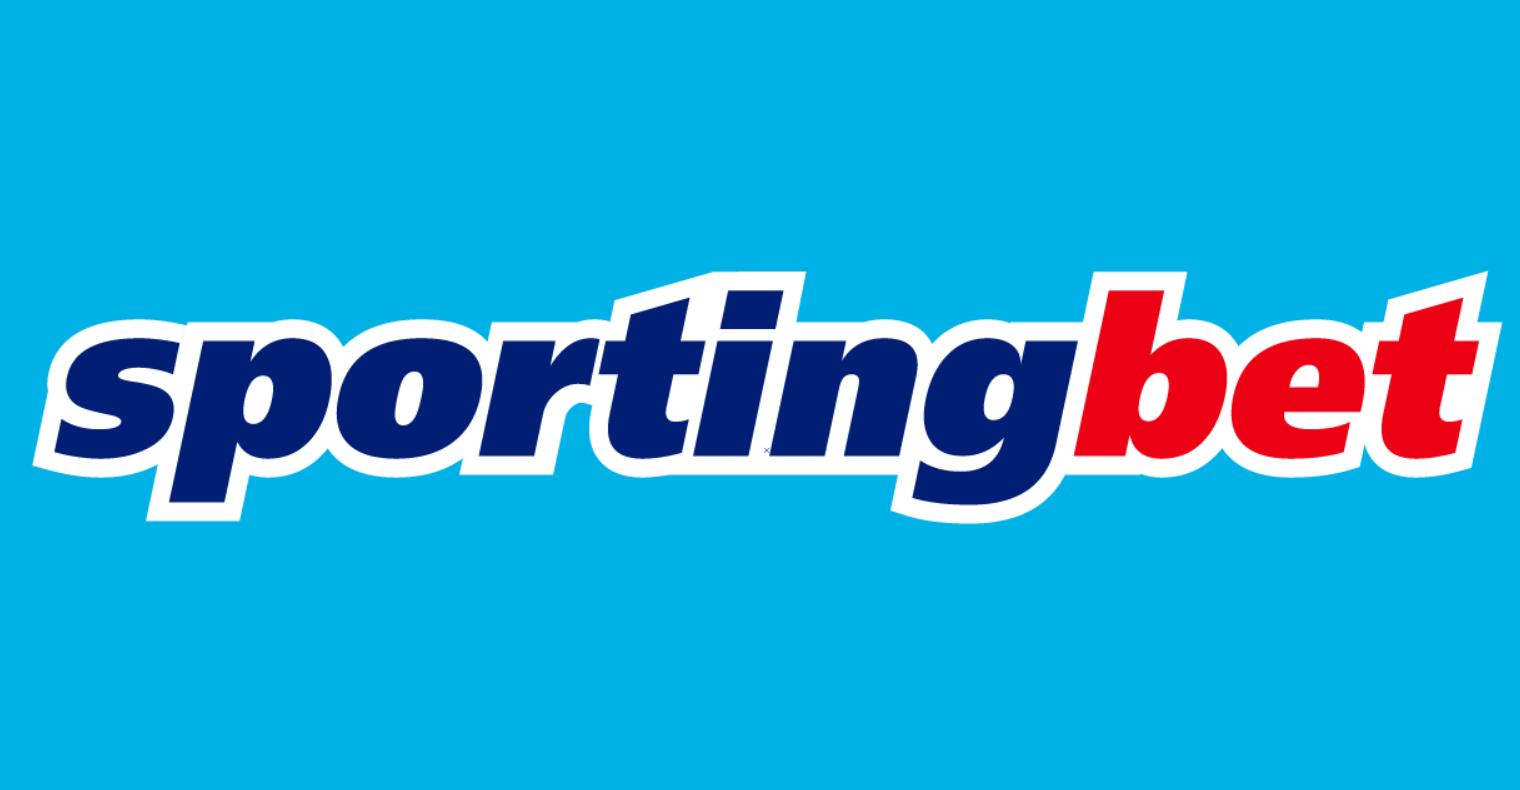 Bónus Sporting Aposta É - e o Que Não É